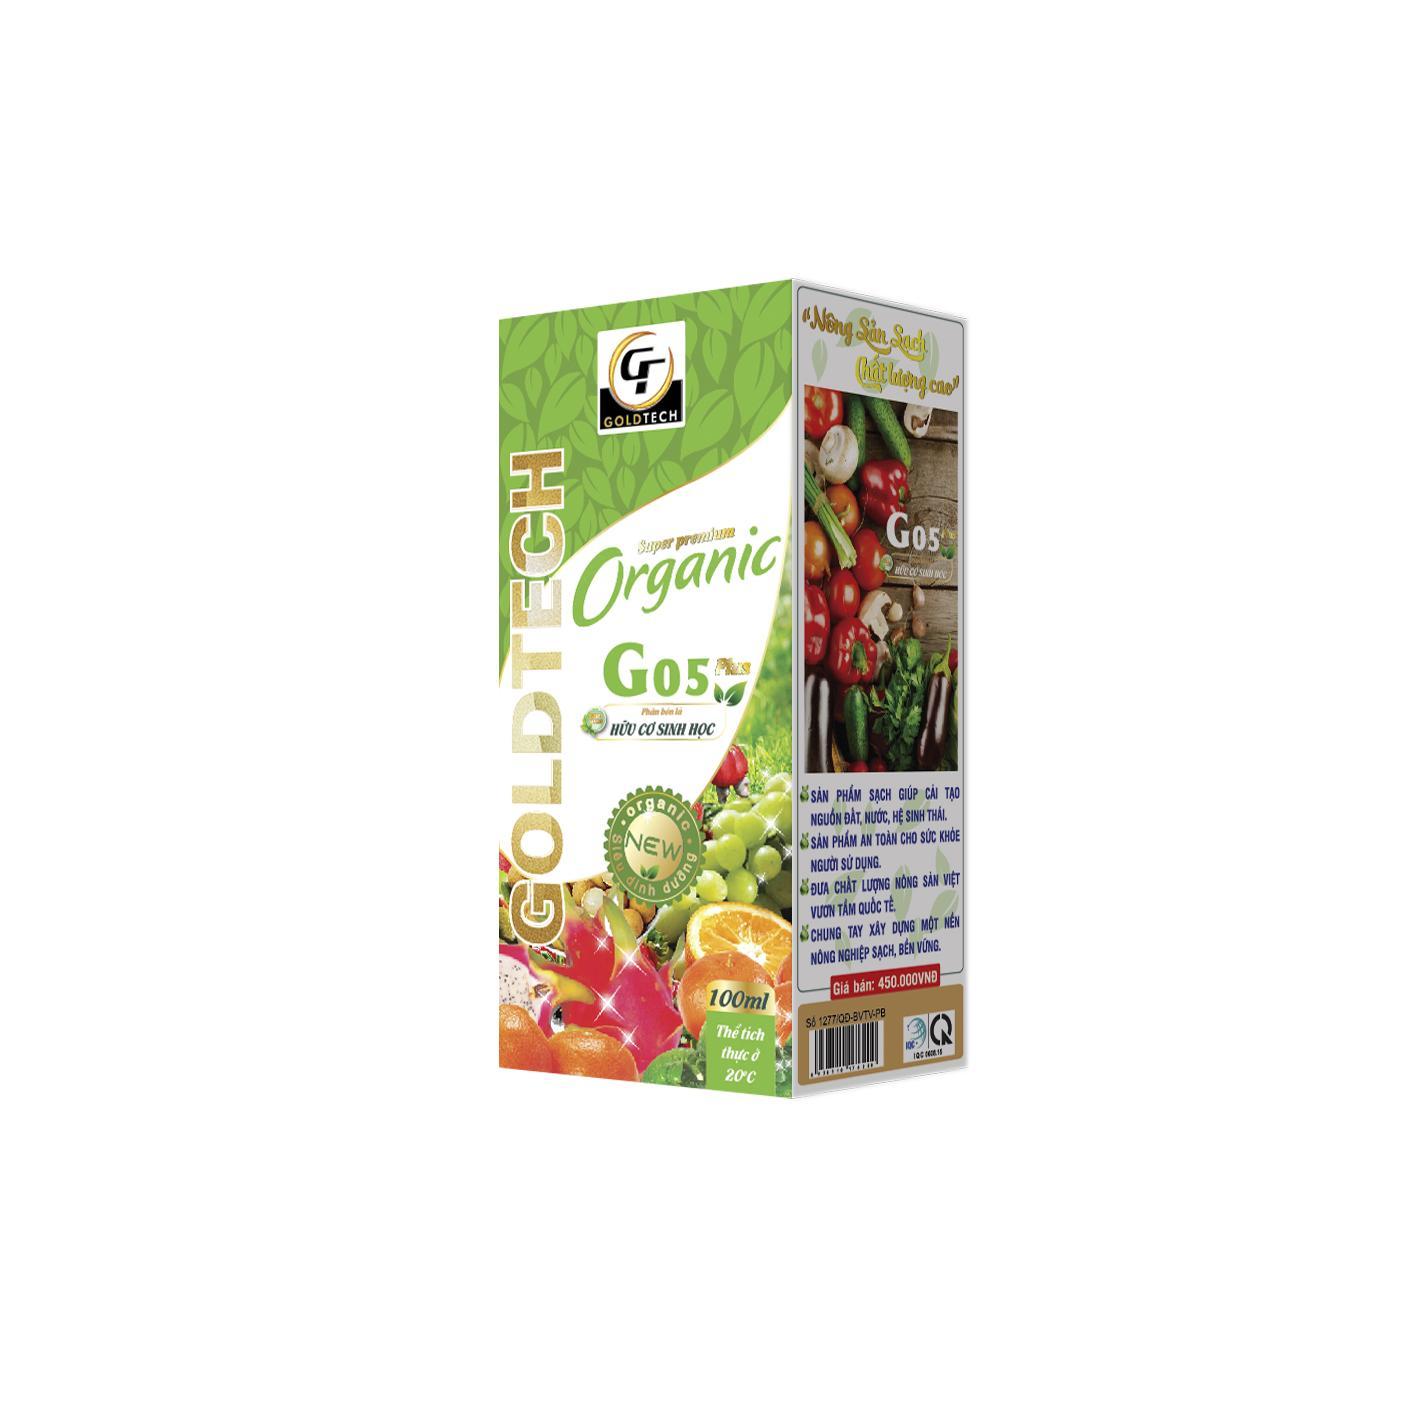 Phân bón lá hữu cơ sinh học G05 Plus